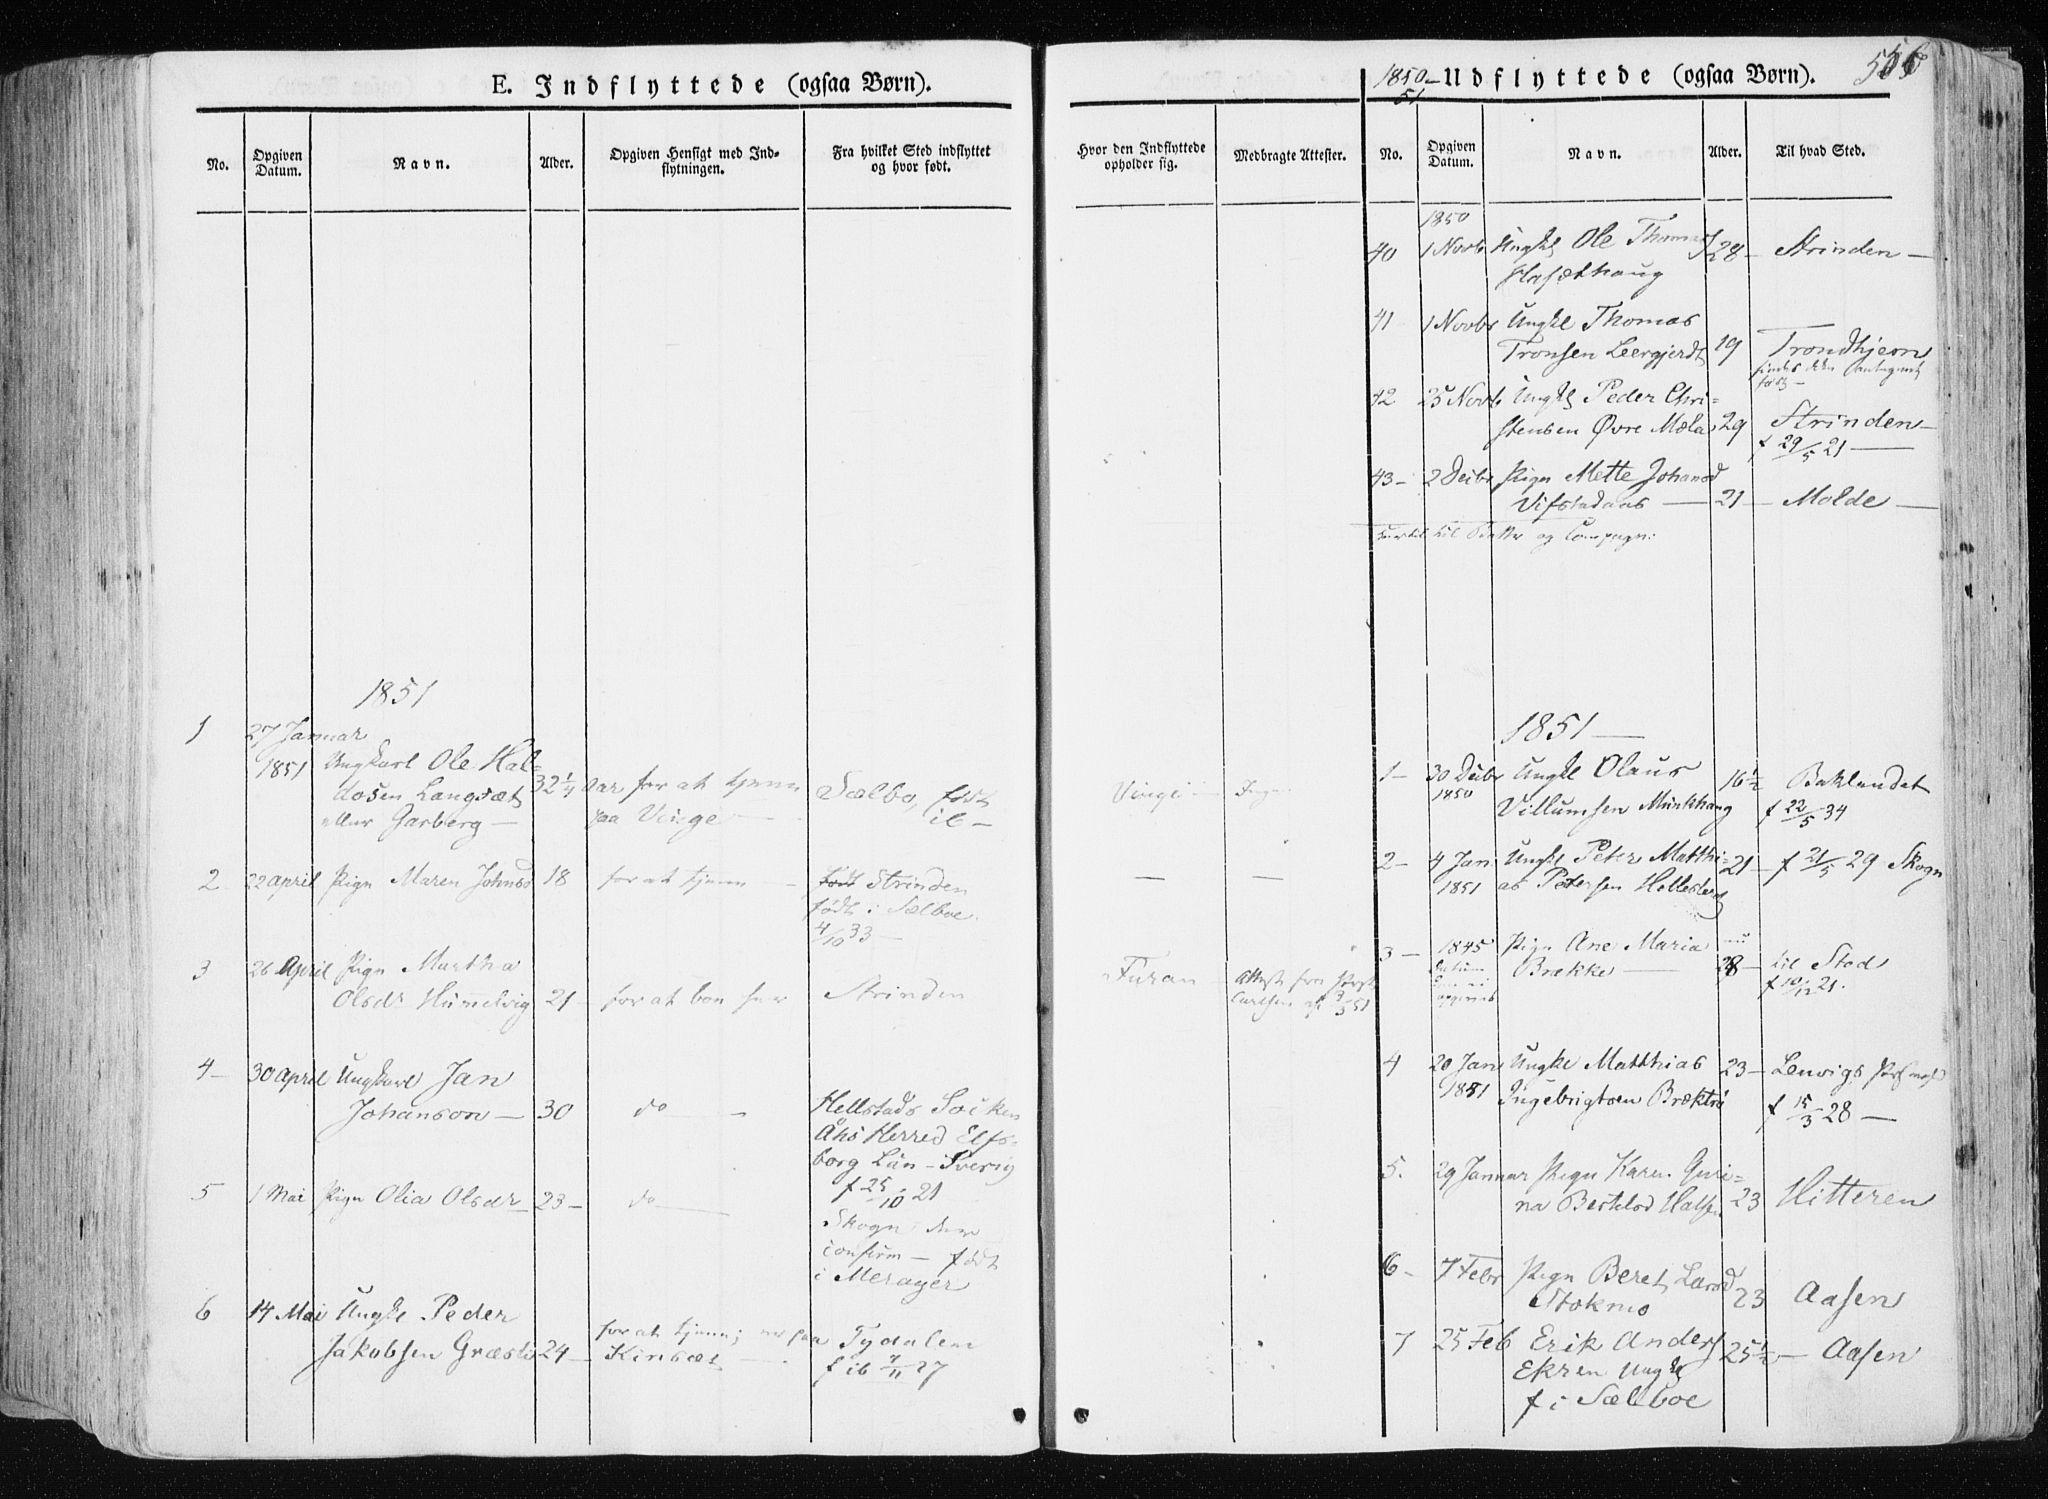 SAT, Ministerialprotokoller, klokkerbøker og fødselsregistre - Nord-Trøndelag, 709/L0074: Ministerialbok nr. 709A14, 1845-1858, s. 556